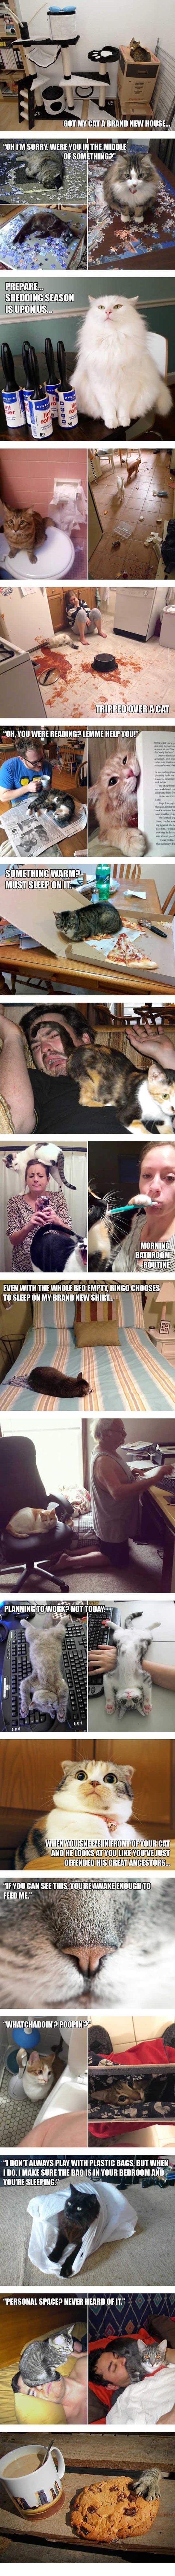 cool-cat-people-struggle